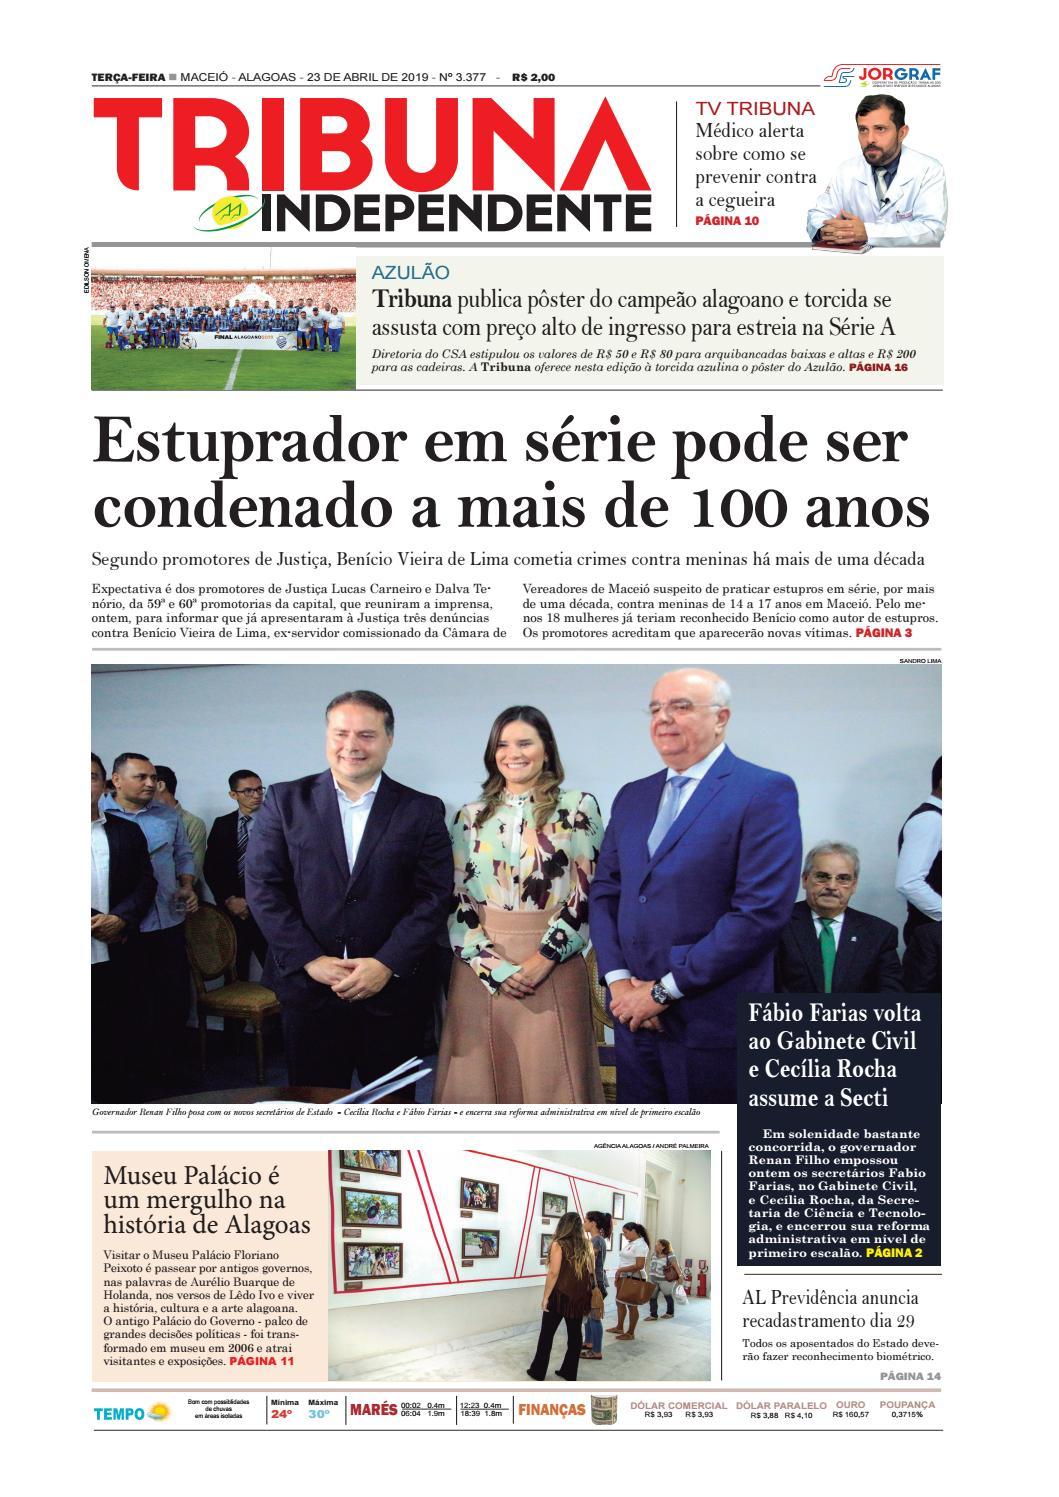 3f3bdfcea Edição número 3377 - 23 de abril de 2019 by Tribuna Hoje - issuu